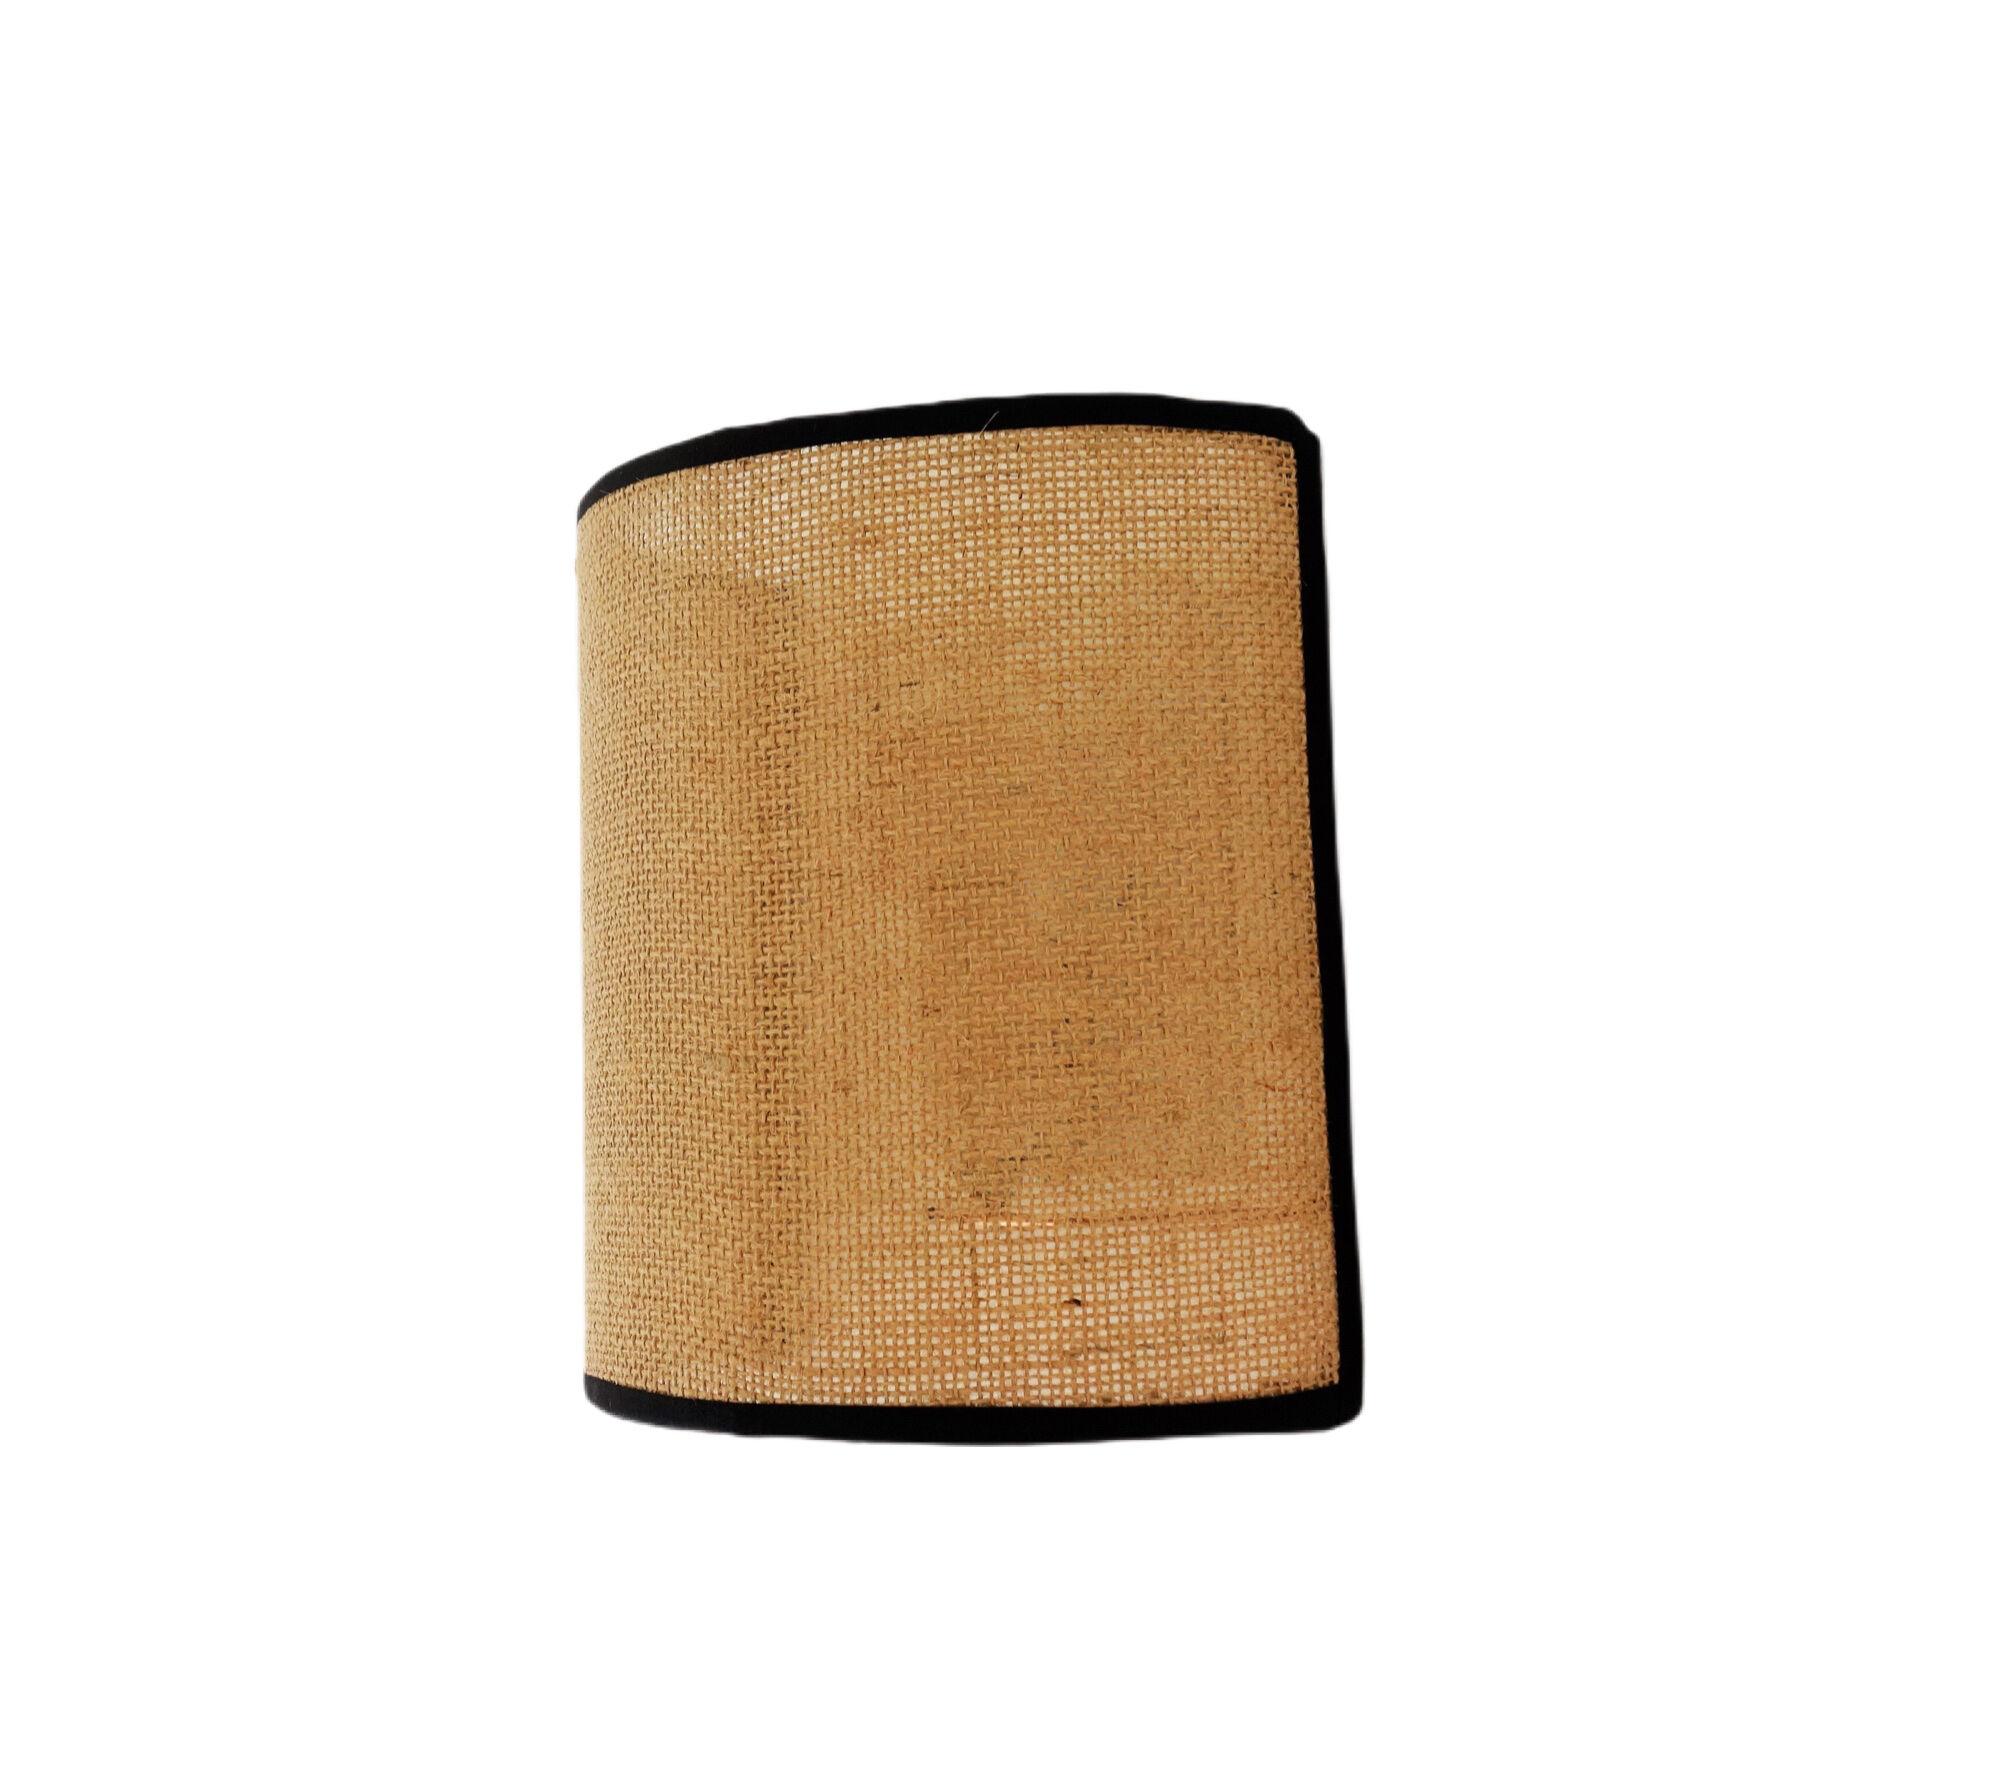 Belamp Applique en toile de jute bordure noire - 20*20 cm